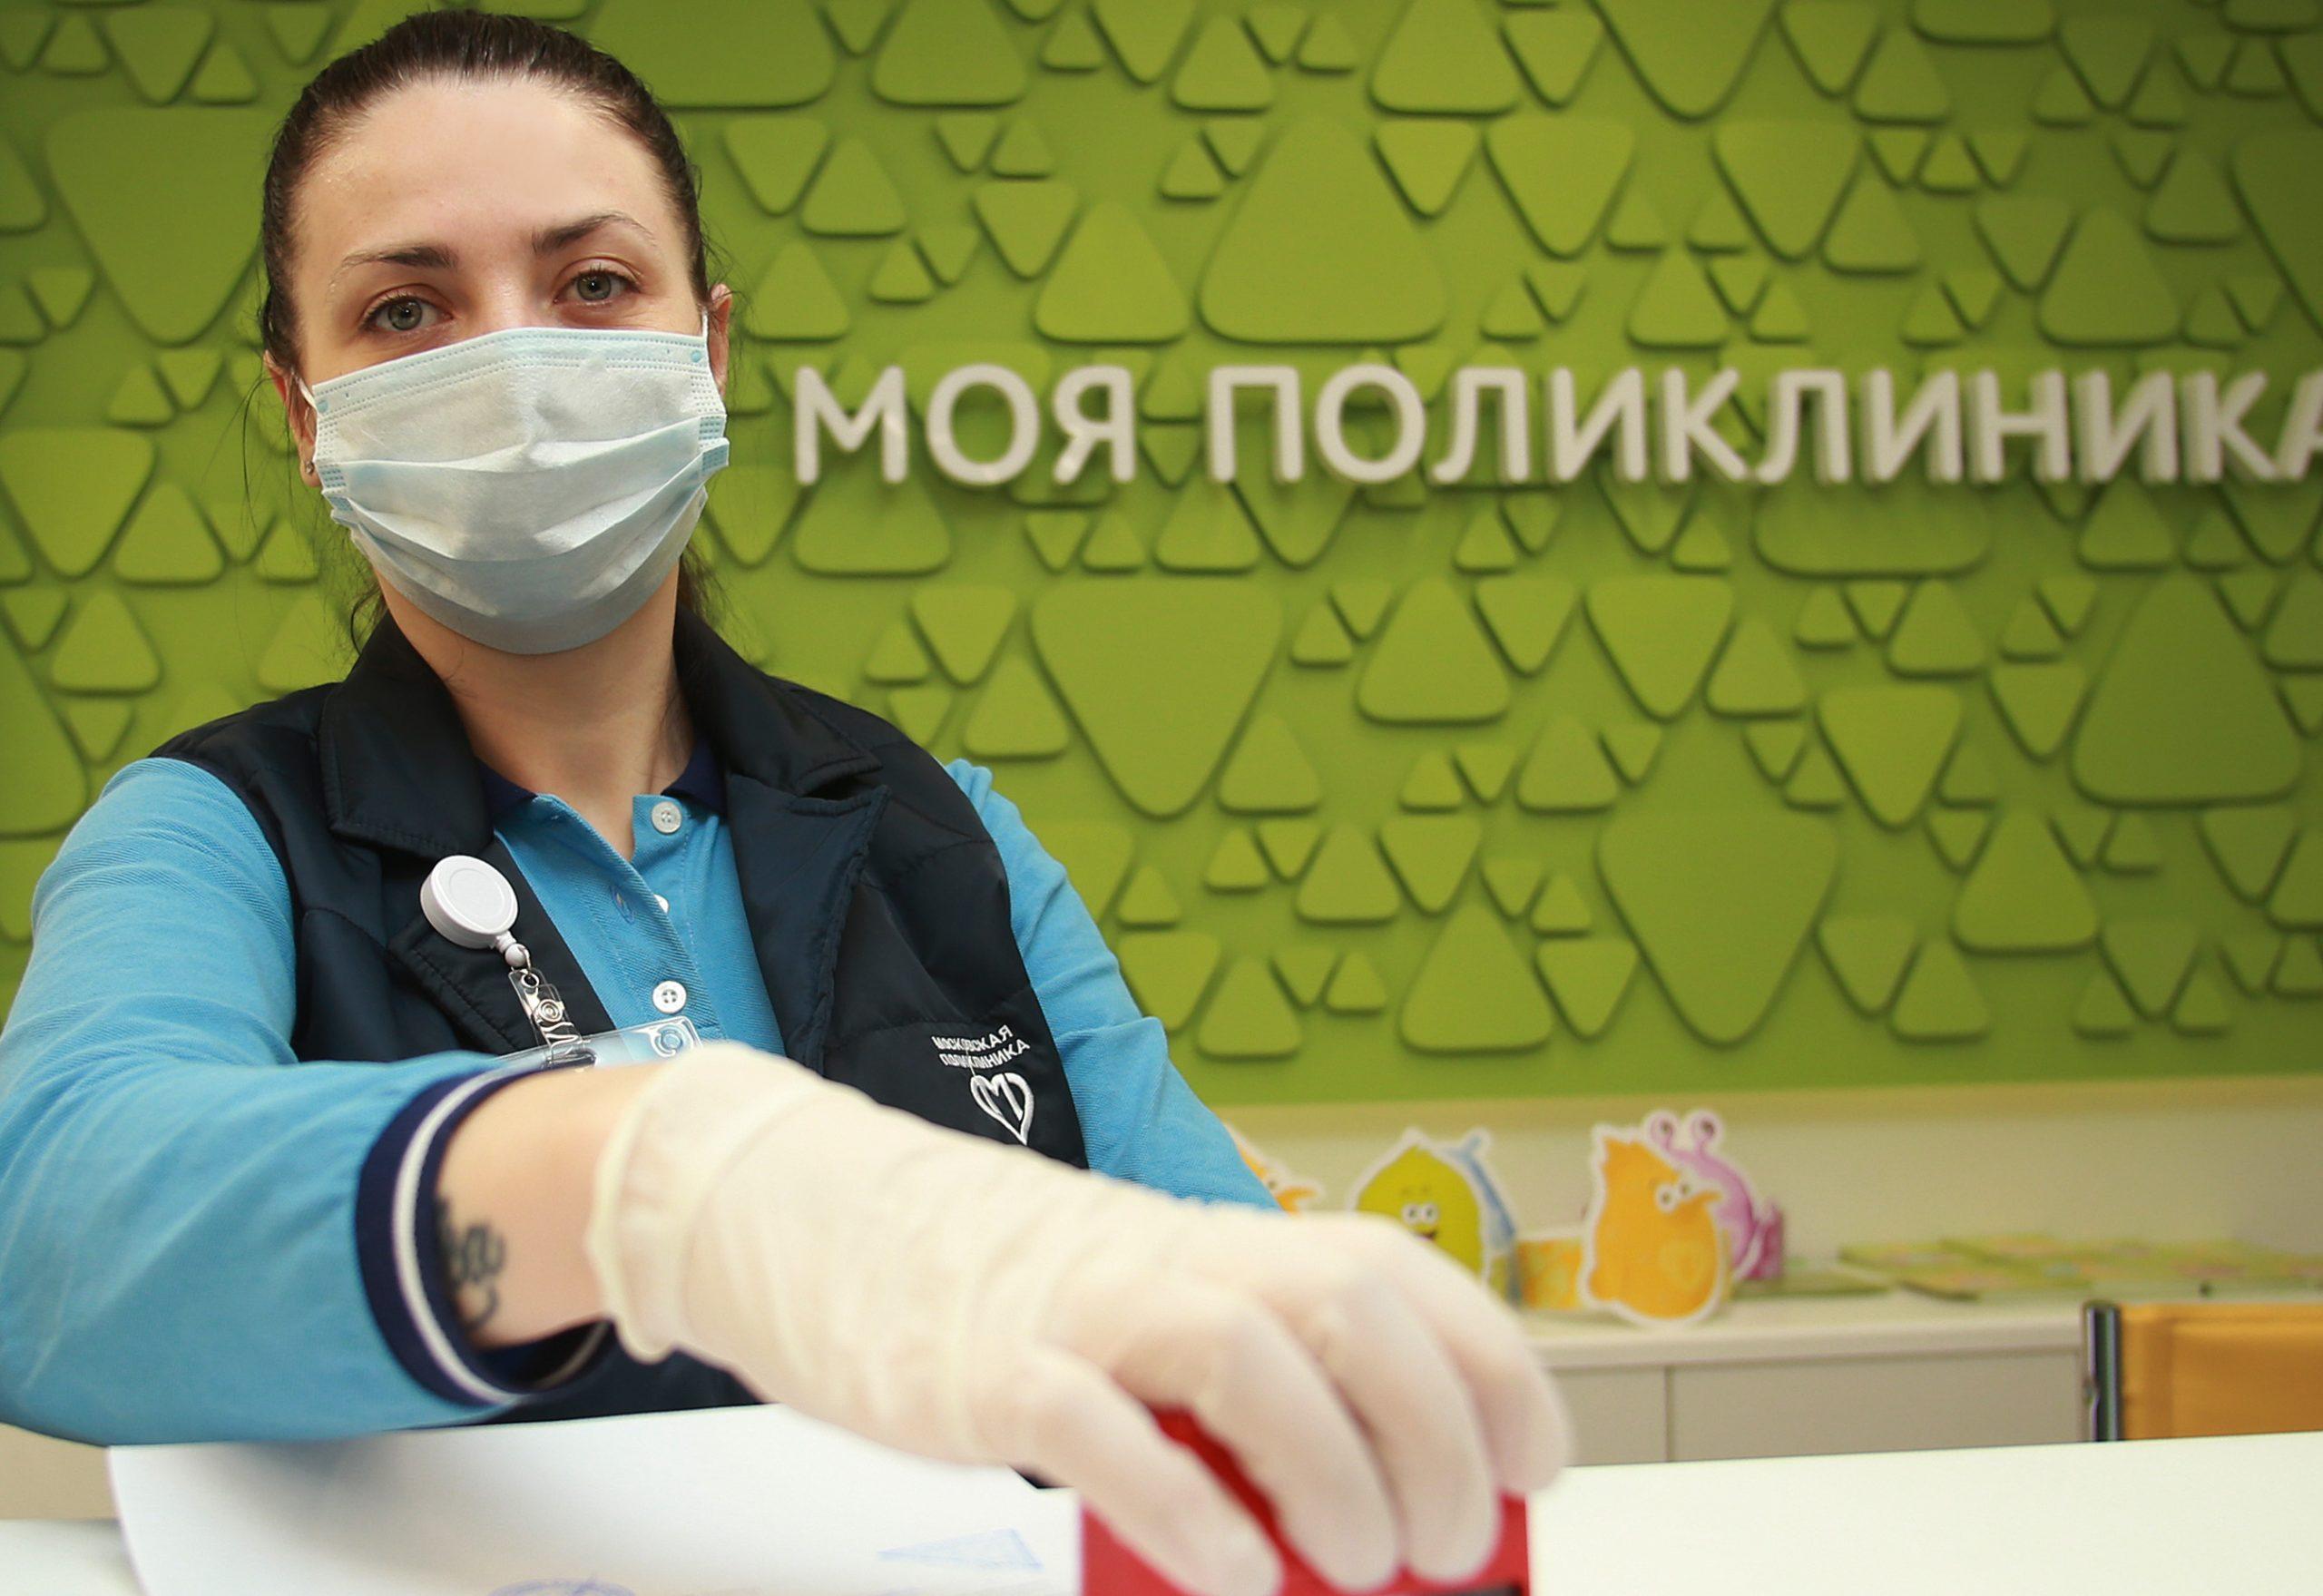 Новый московский стандарт поликлиник внедрили в столице